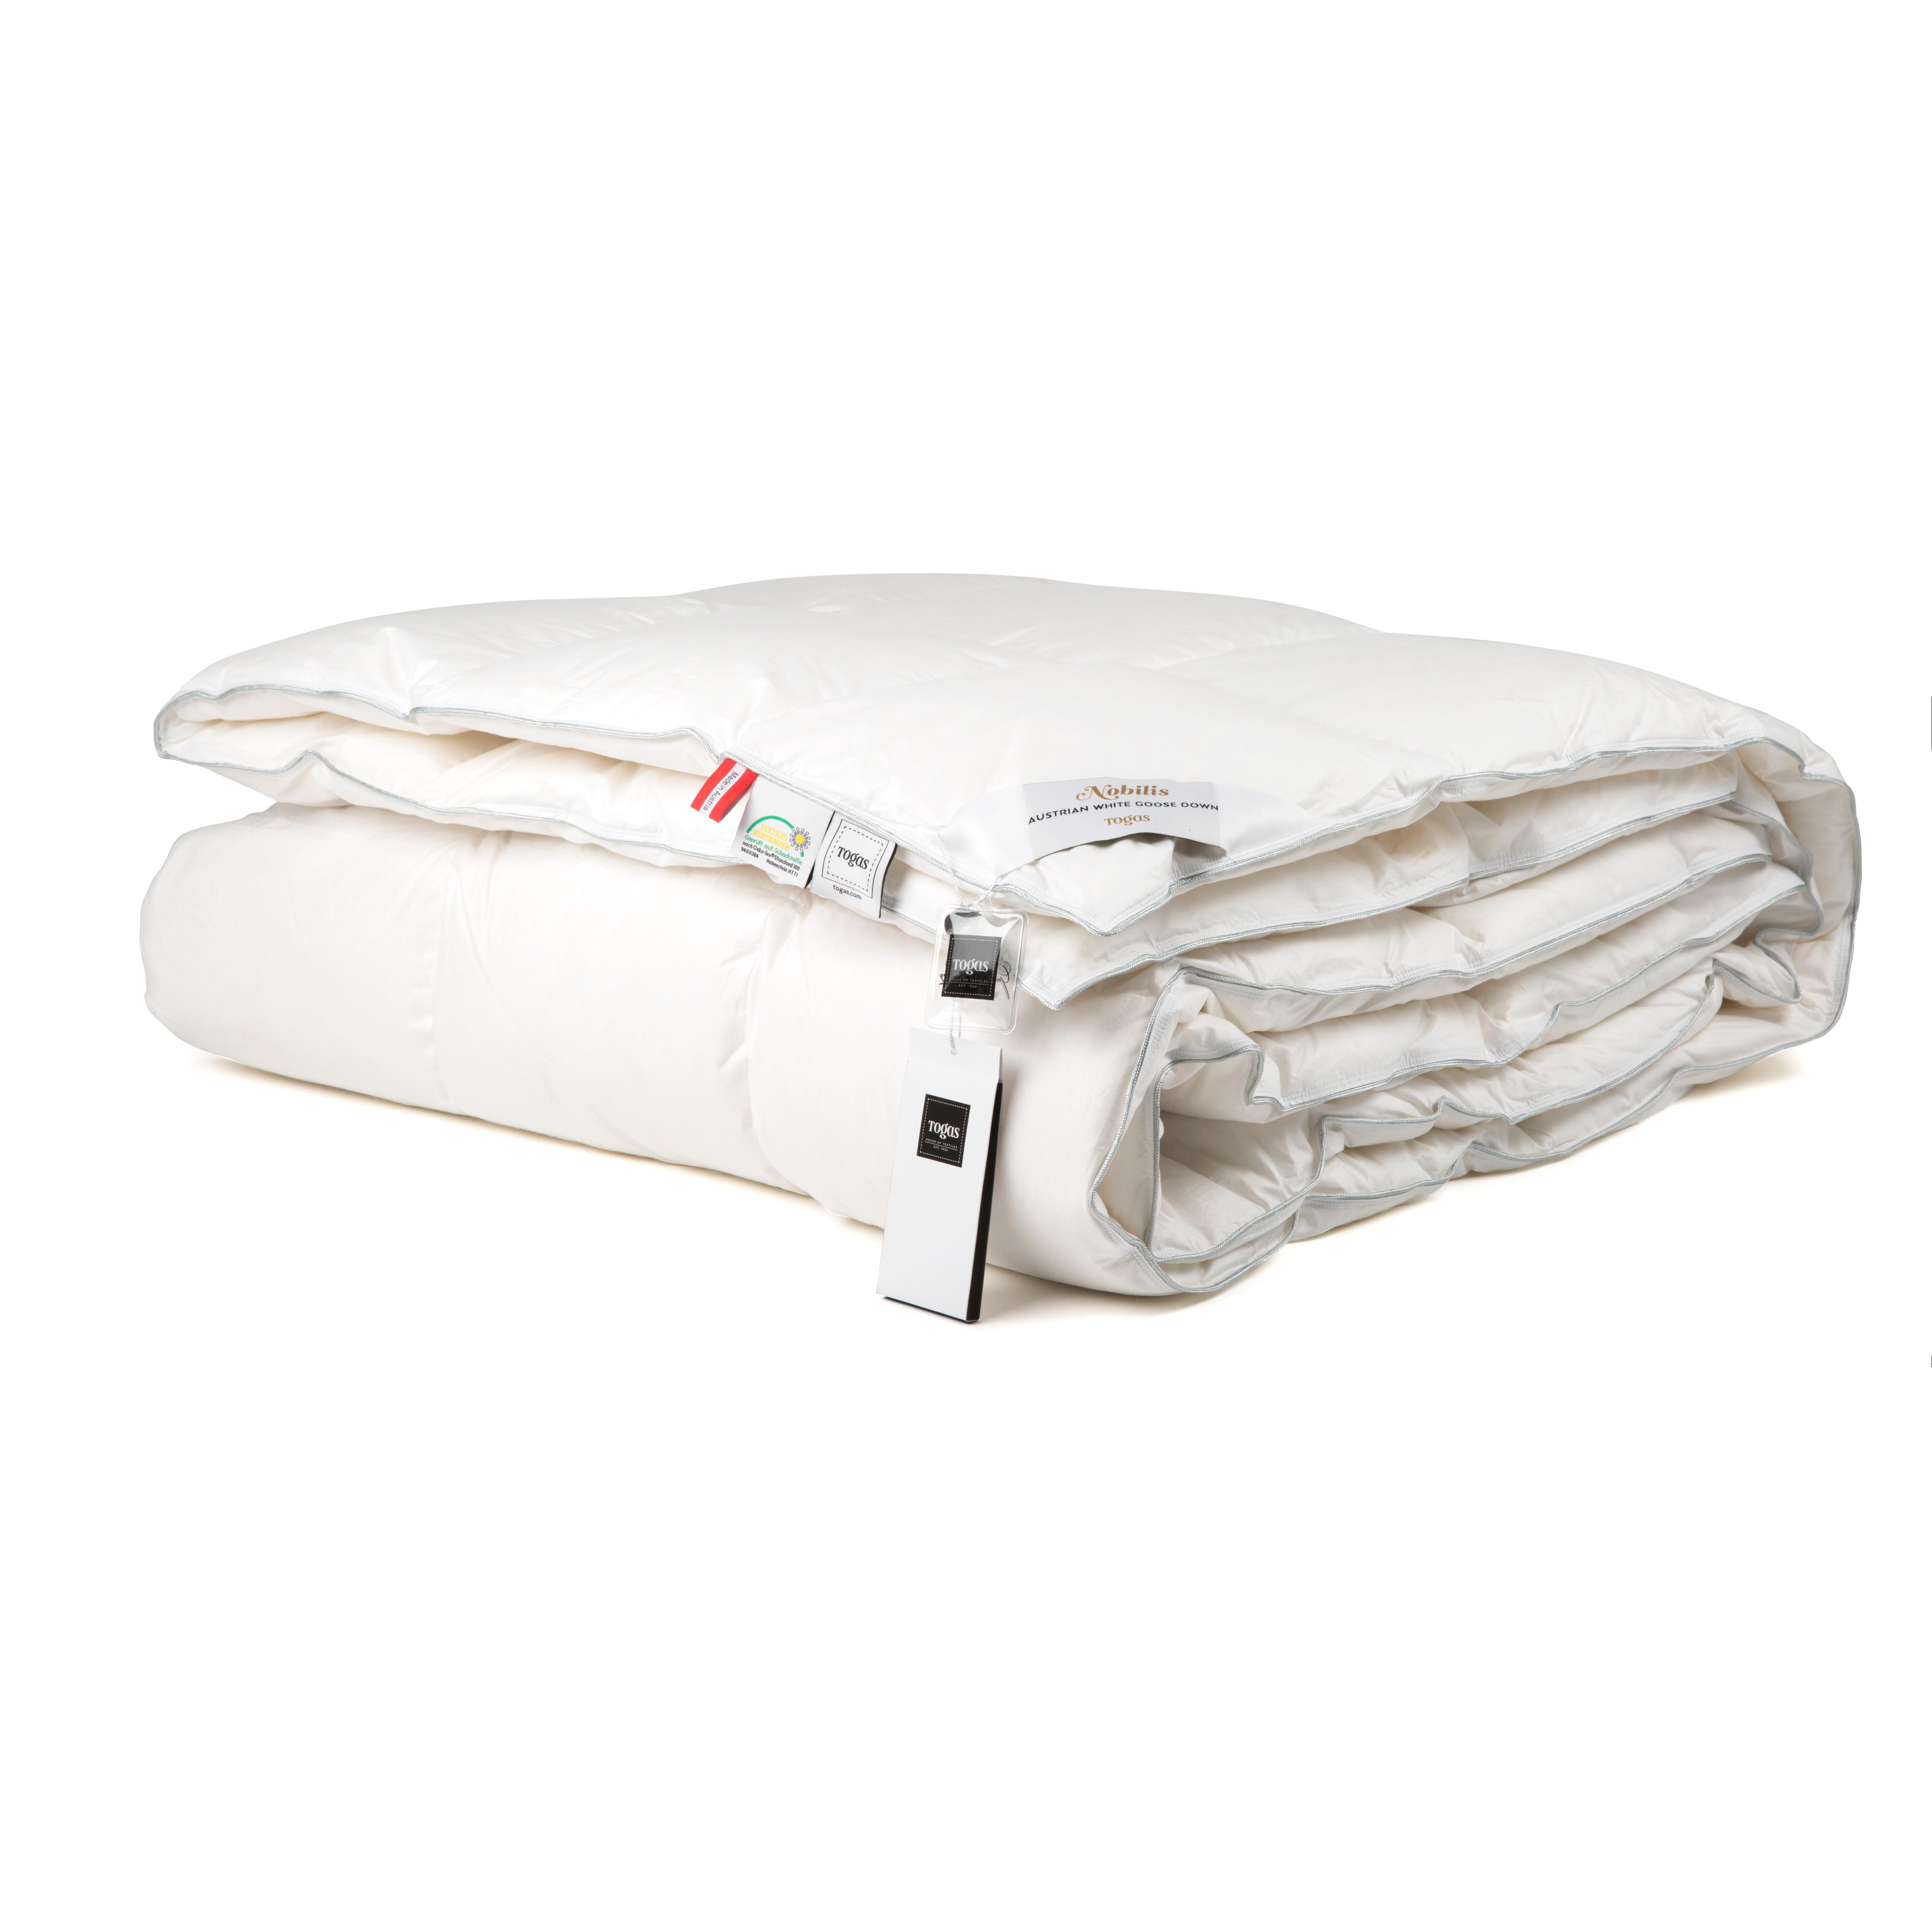 Одеяла Togas Одеяло Нобилис (220х240 см) одеяла togas одеяло гелиос 220х240 см